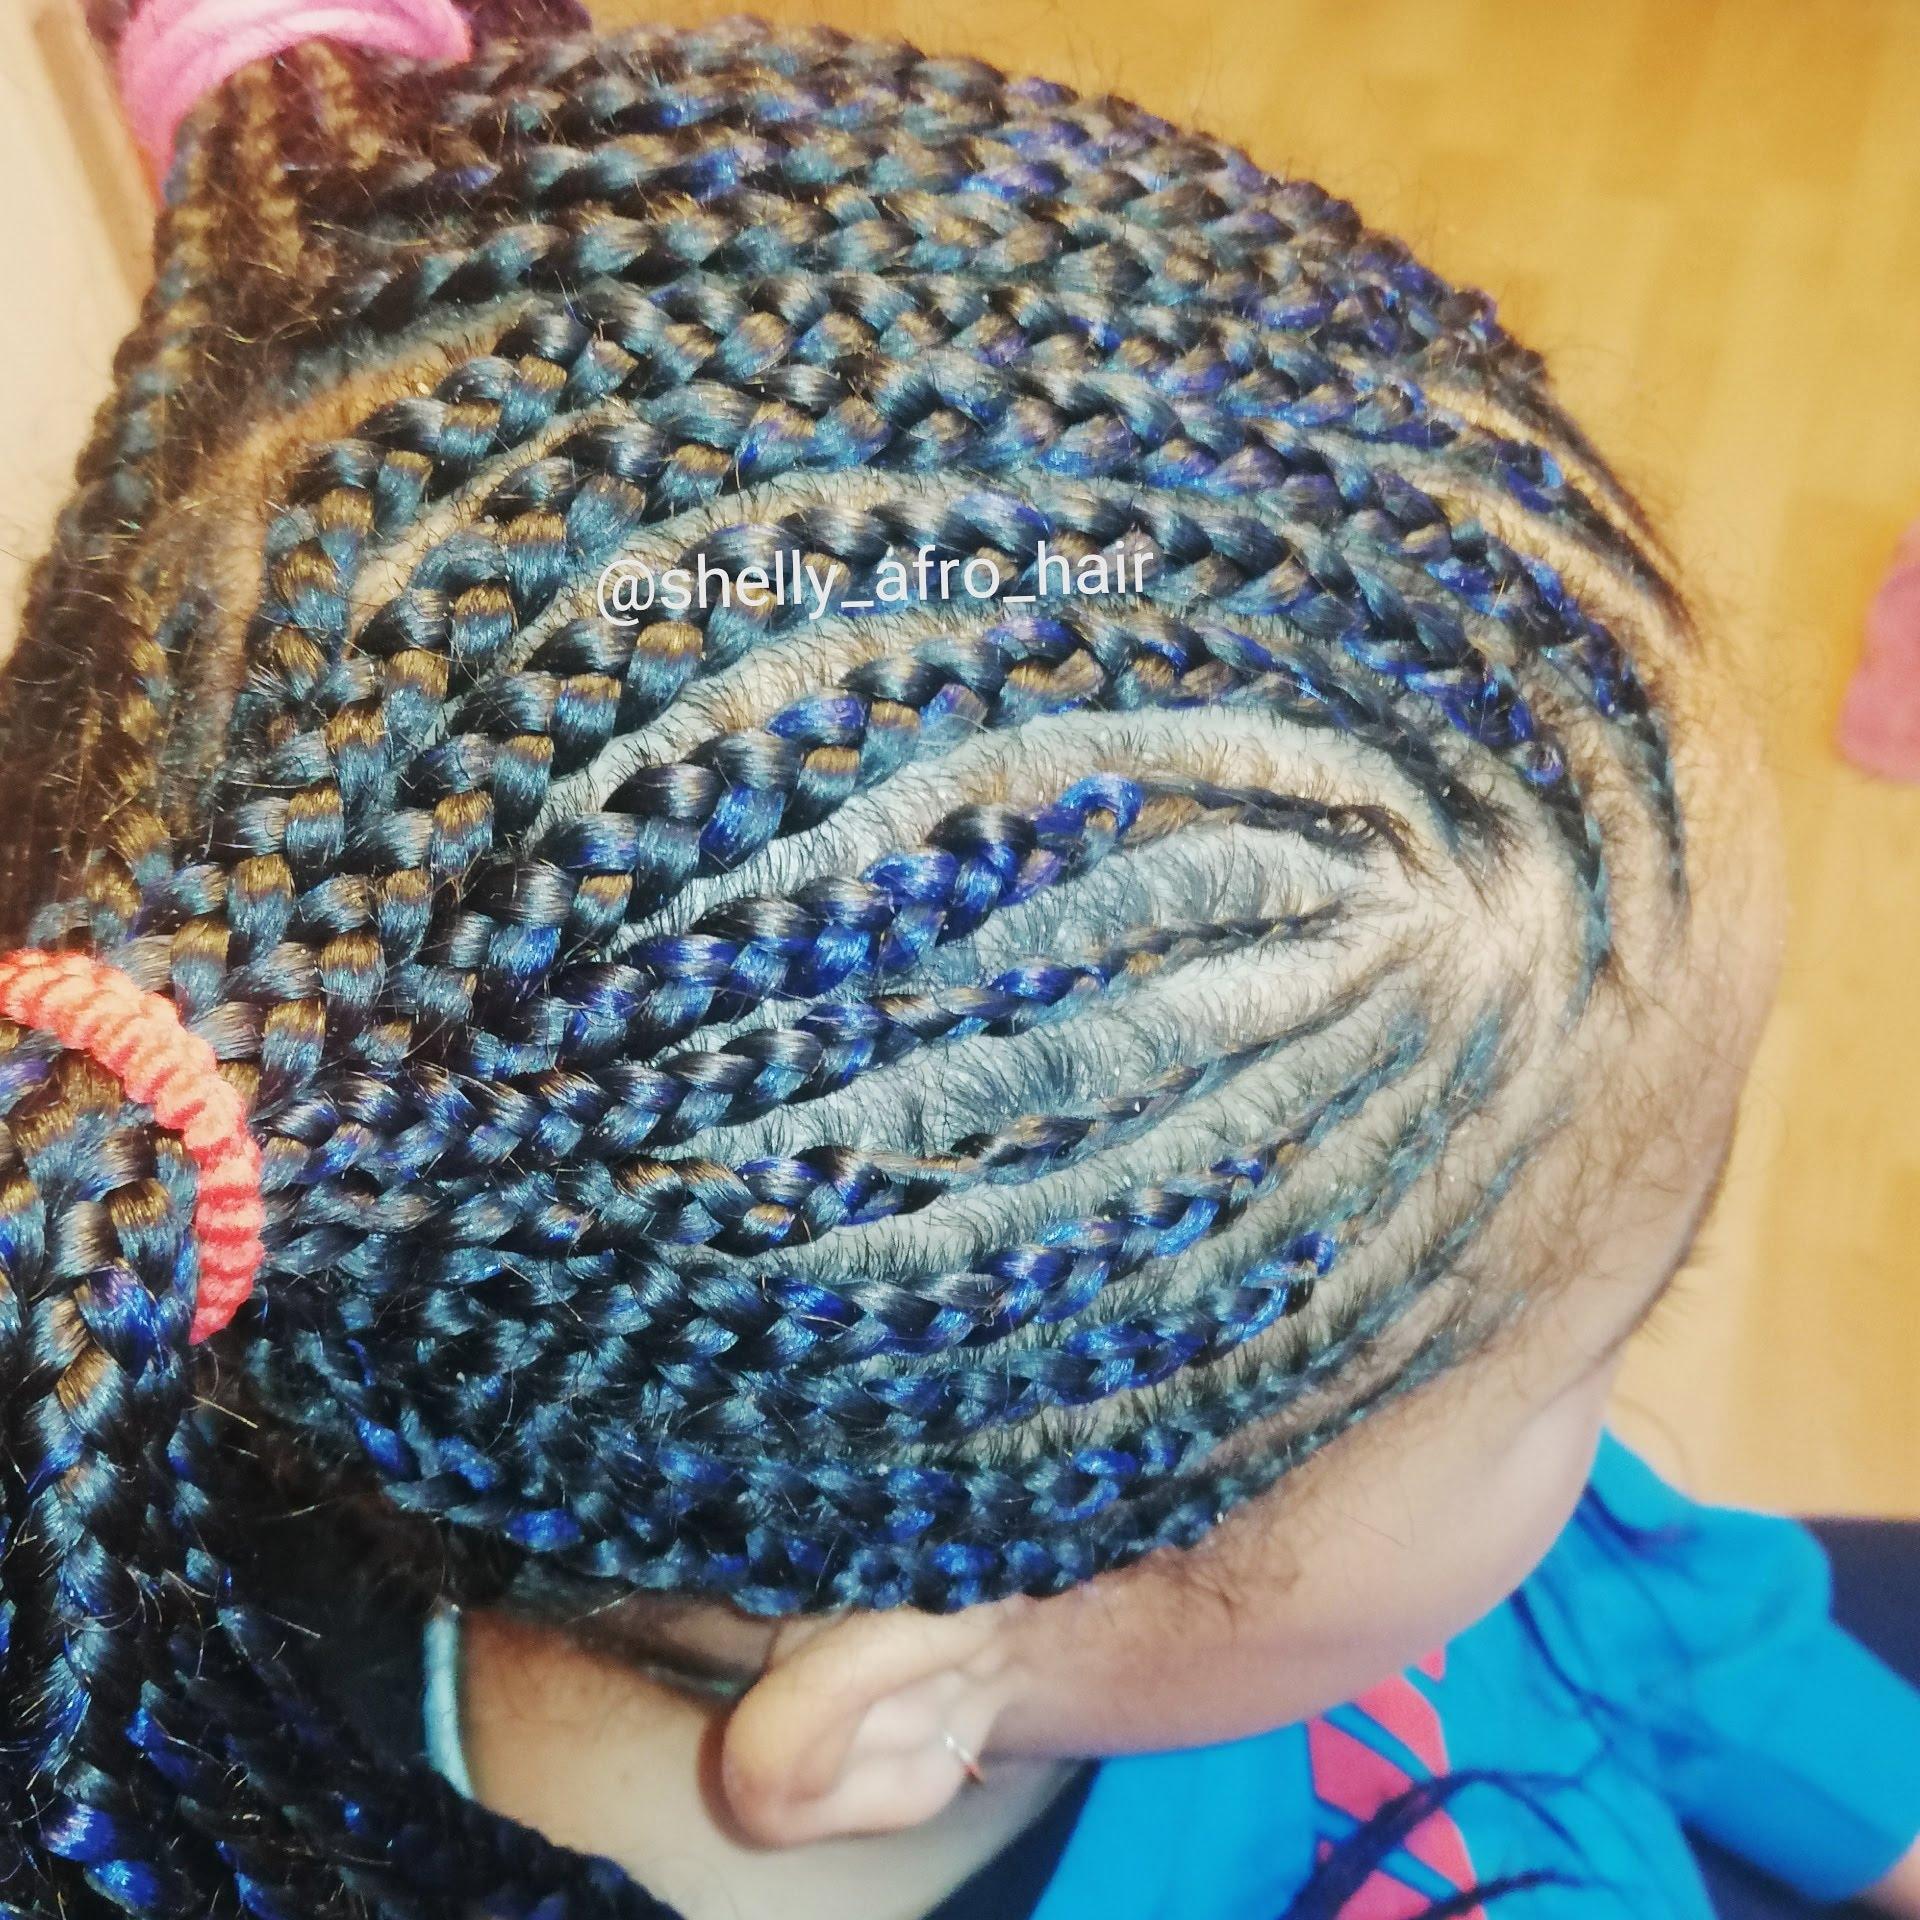 salon de coiffure afro tresse tresses box braids crochet braids vanilles tissages paris 75 77 78 91 92 93 94 95 FKRFYVJV